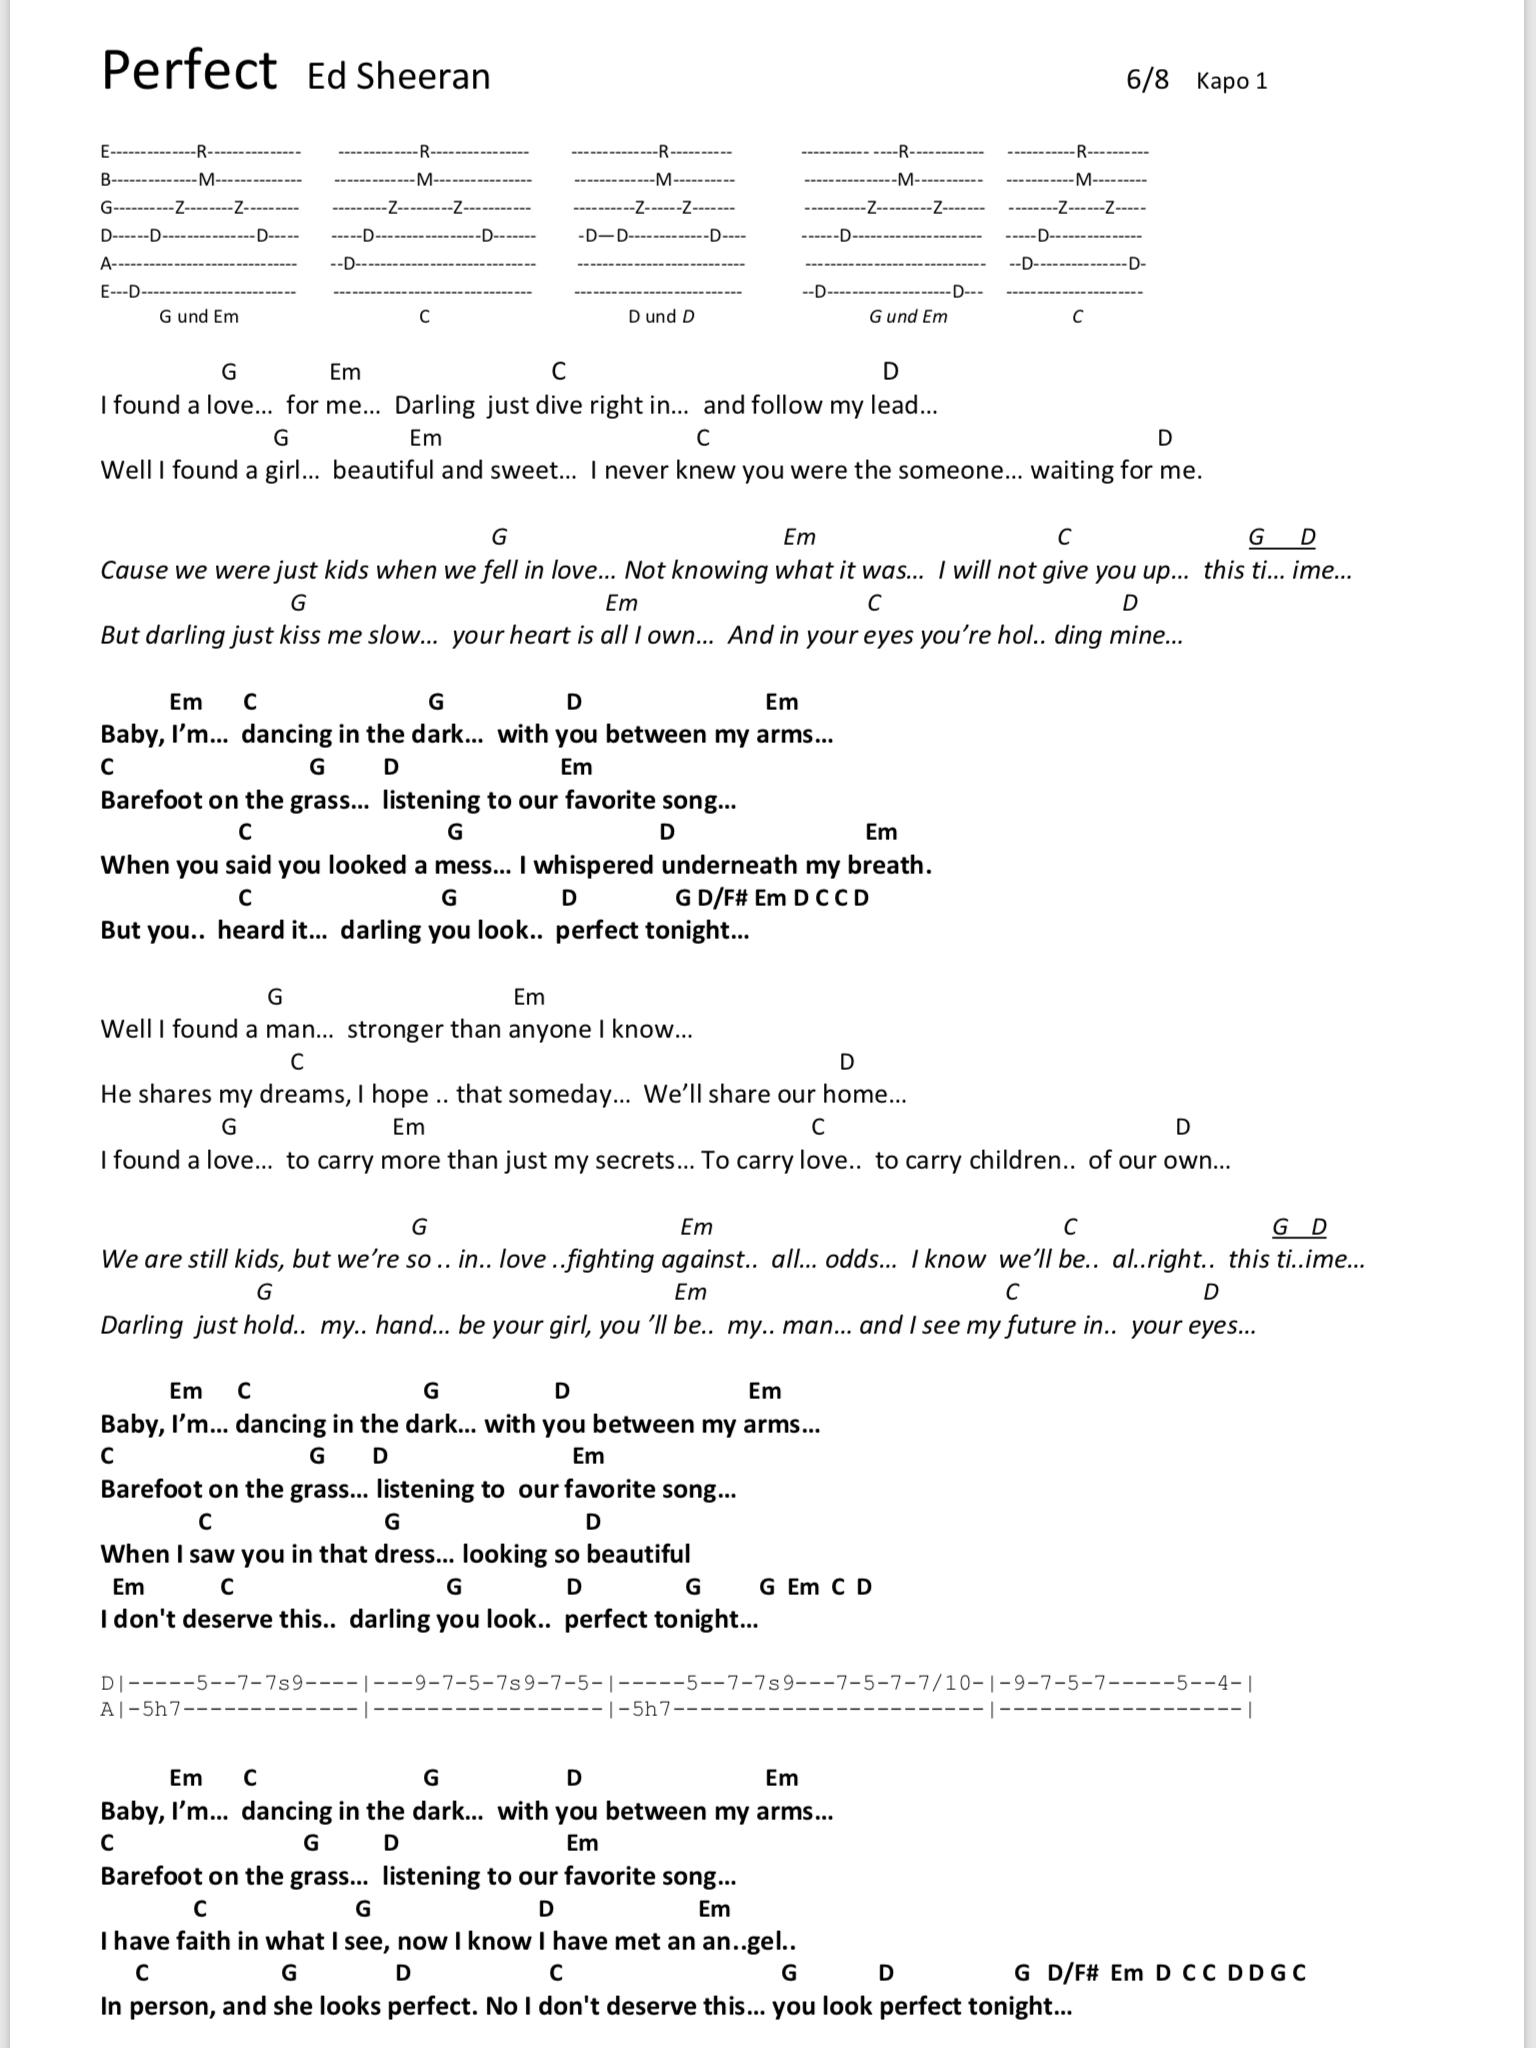 Perfect Songtext Deutsch